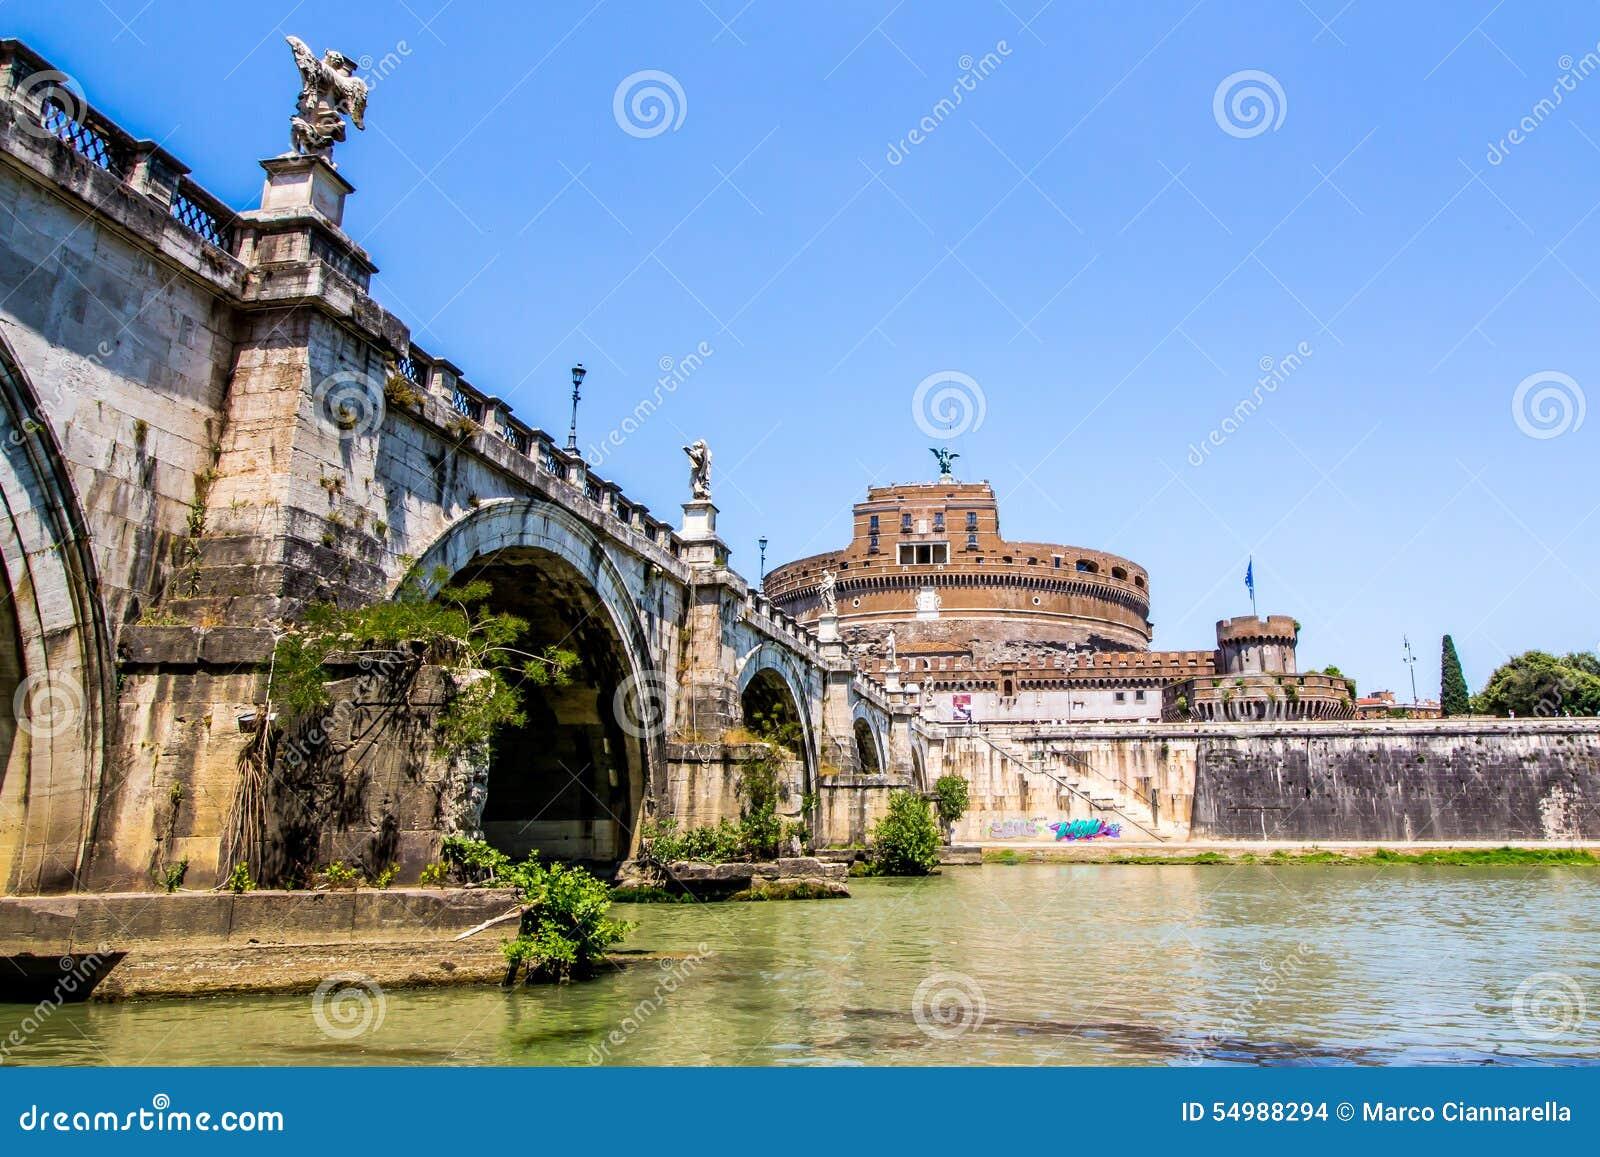 Widok Castel Sant Angelo spod mosta, Rzym, Włochy